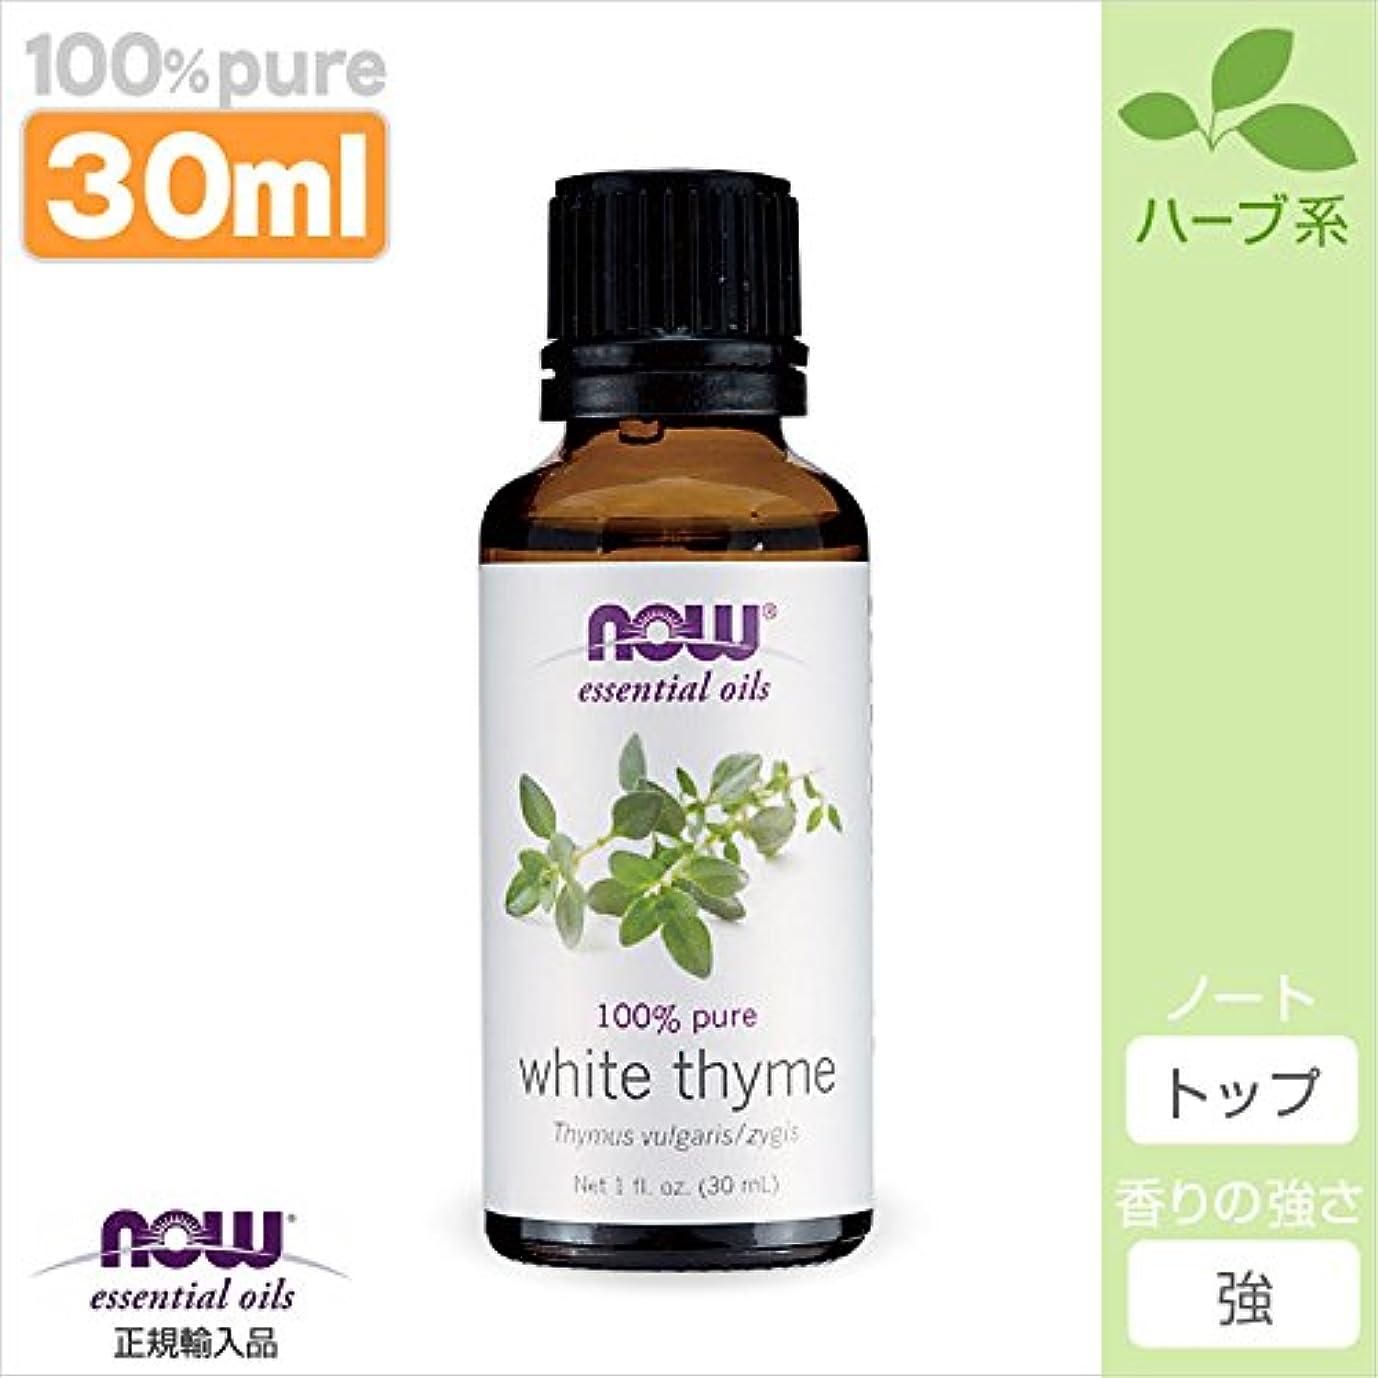 付録未払いうれしいタイム ホワイト 精油[30ml] 【正規輸入品】 NOWエッセンシャルオイル(アロマオイル)